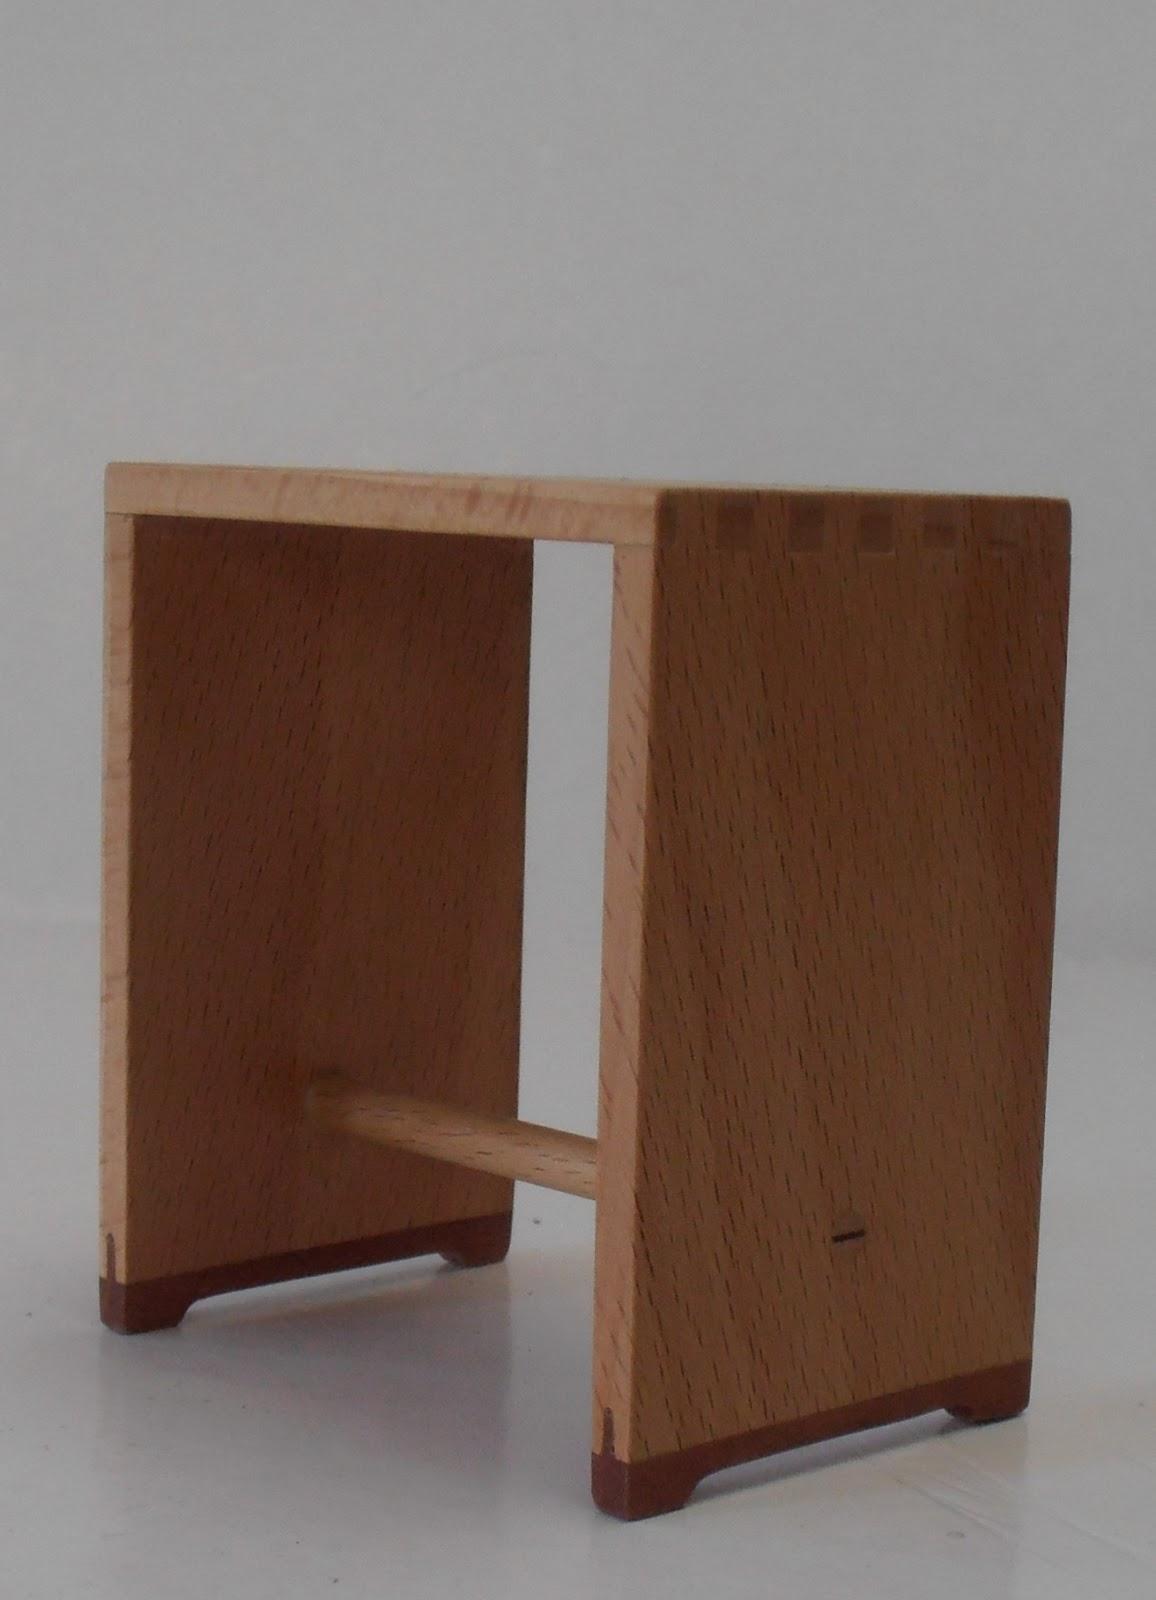 n 39 hi ha per a llogar cadires max bill. Black Bedroom Furniture Sets. Home Design Ideas